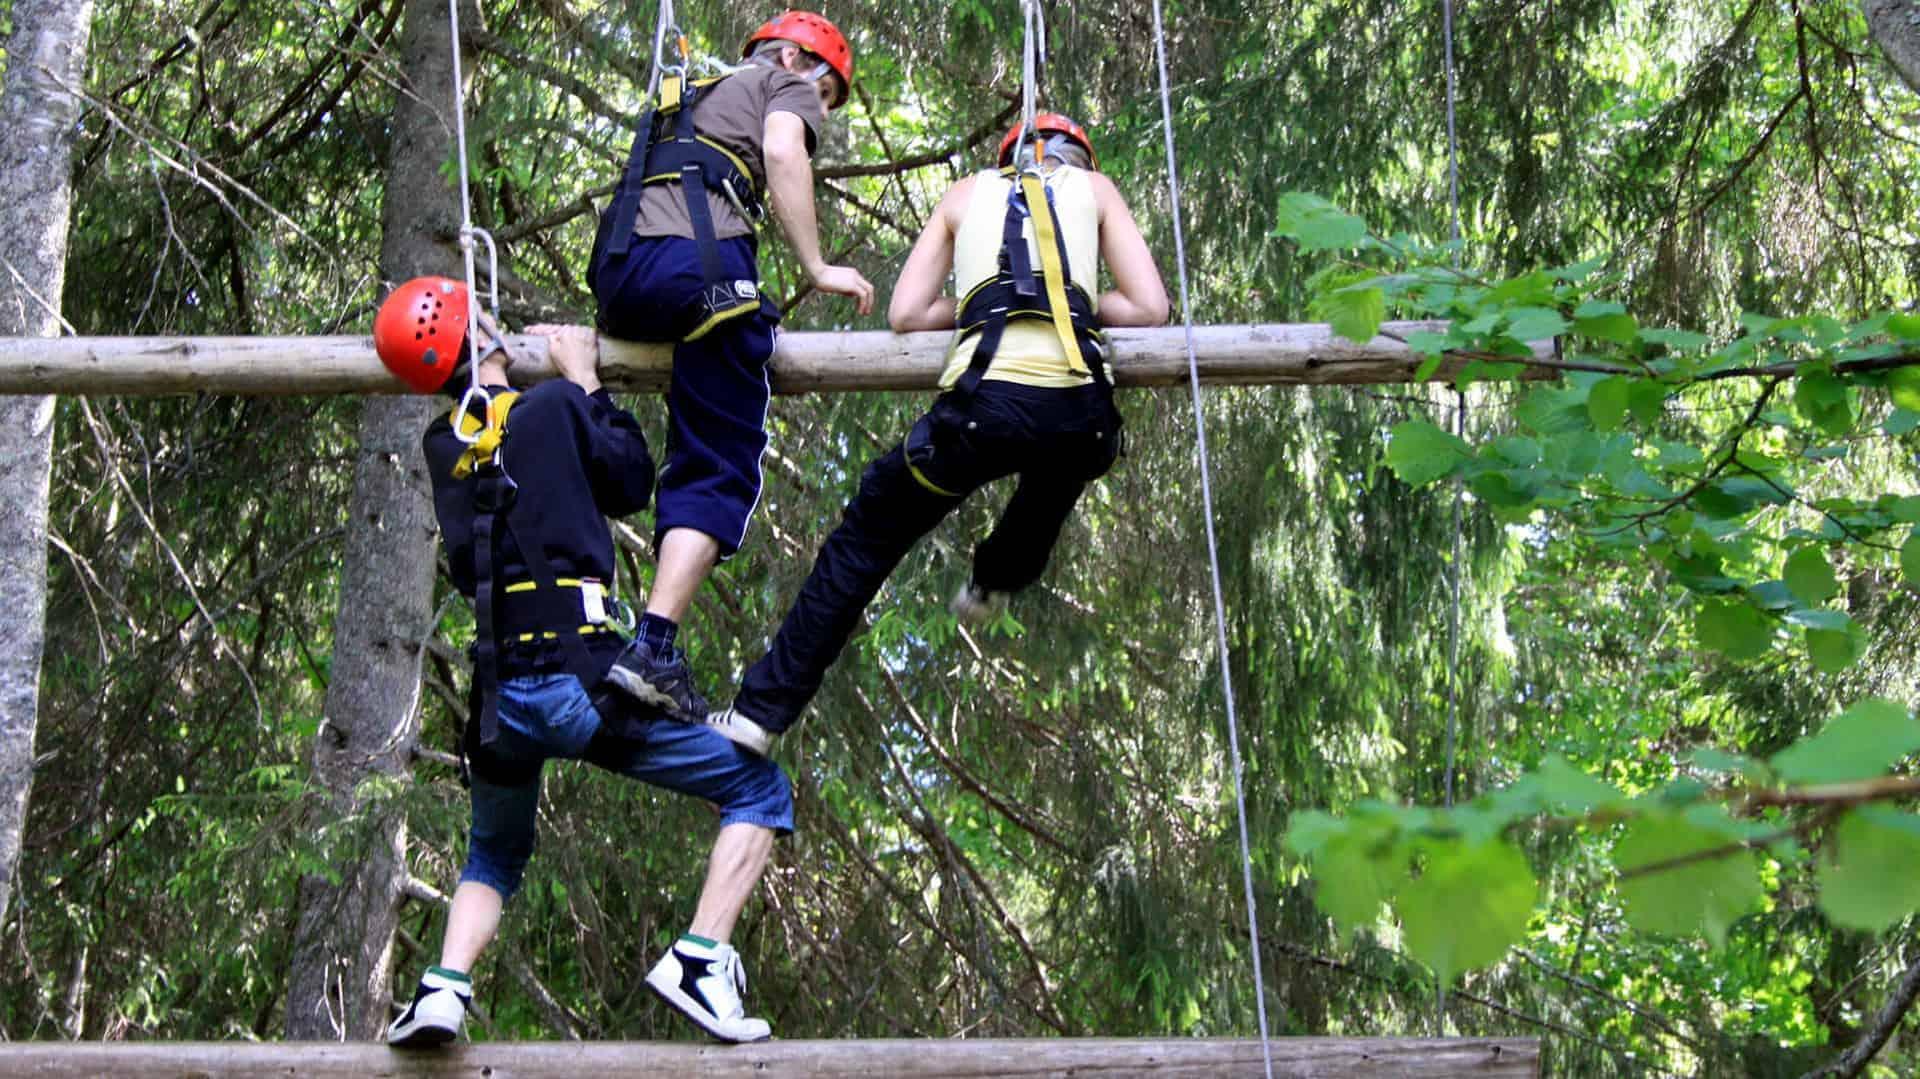 Tre personer klättrar i en jättrestor stege med stockar som hänger i vajrar.